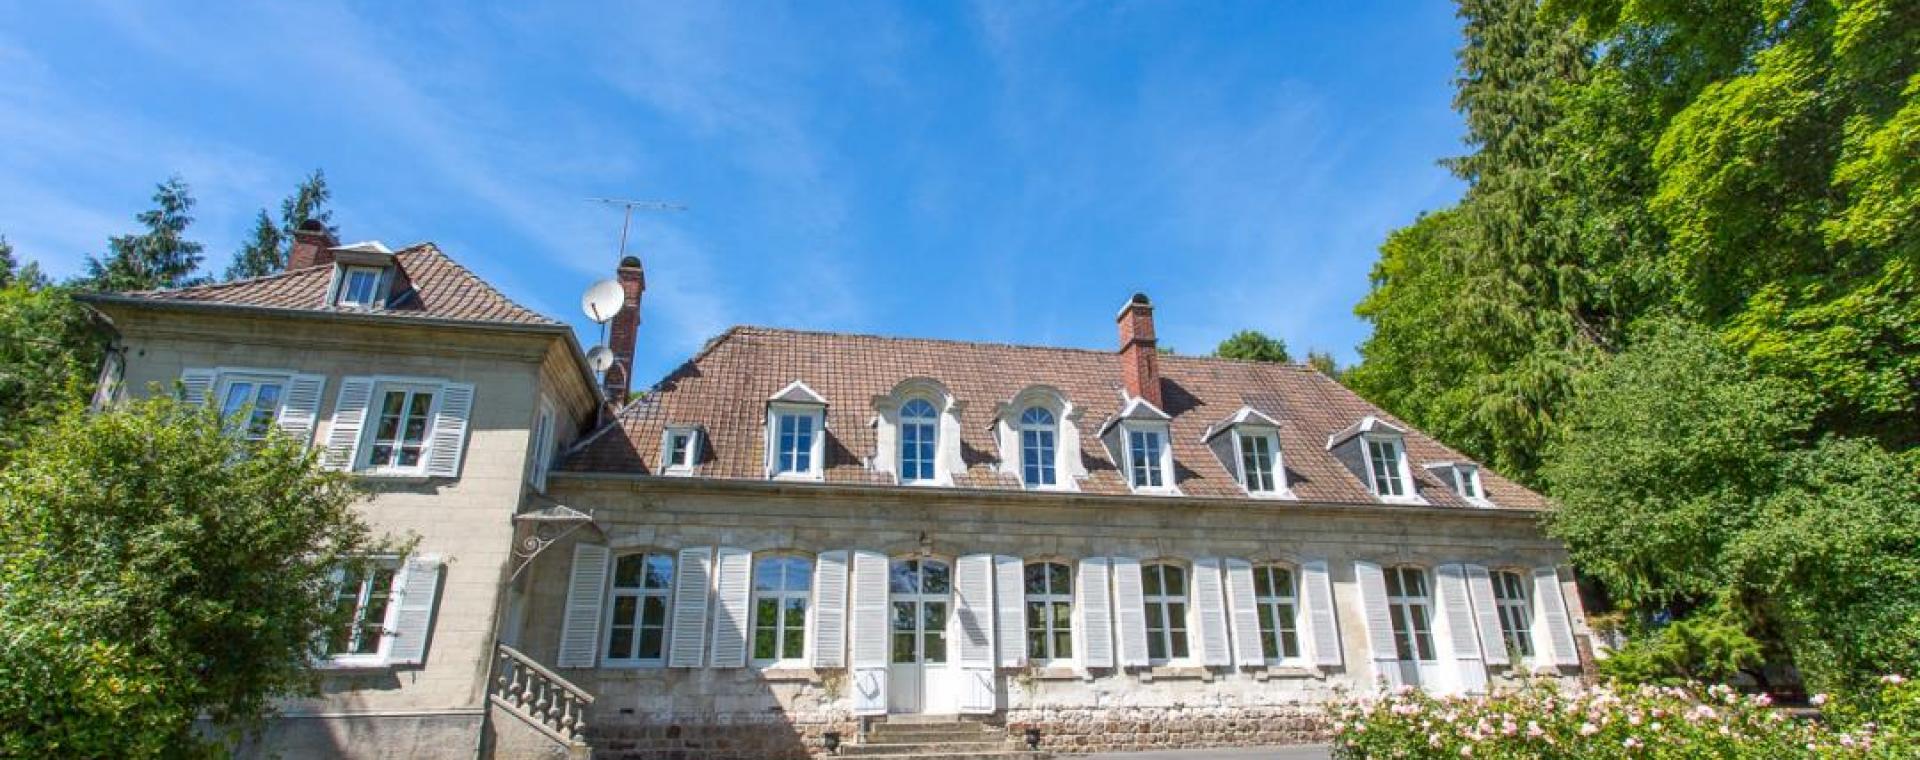 Chateau de Naours